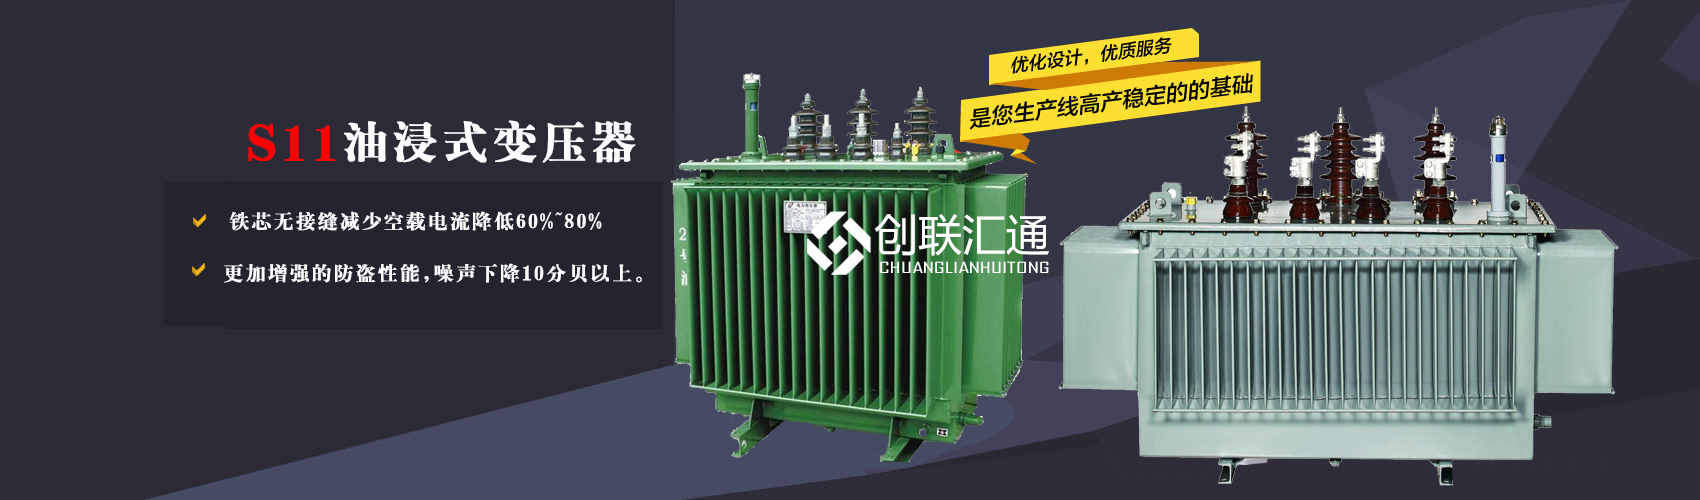 干式变压器采用国内先进技术,机械强度高,抗短路能力强,局部放电小,热稳定性好,可靠性高,使用寿命长;